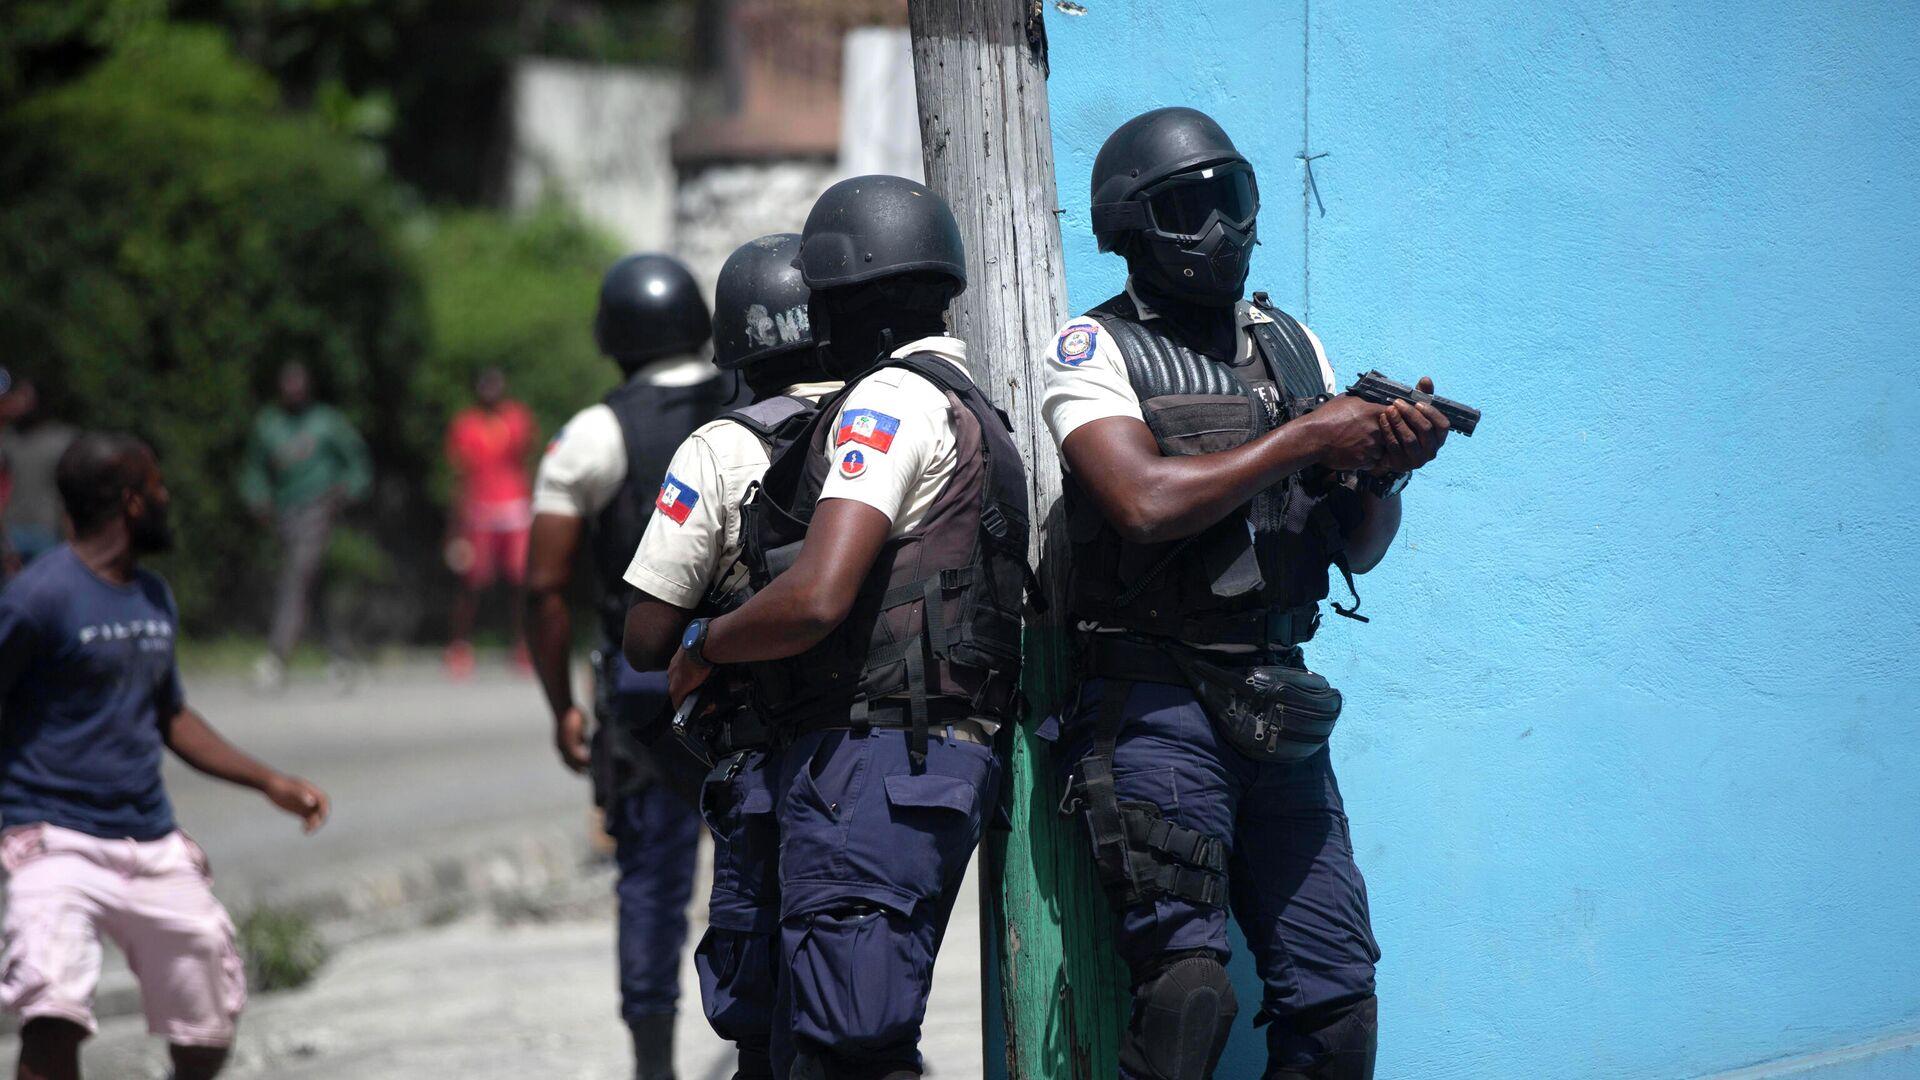 Сотрудники полиции на Гаити - РИА Новости, 1920, 31.07.2021